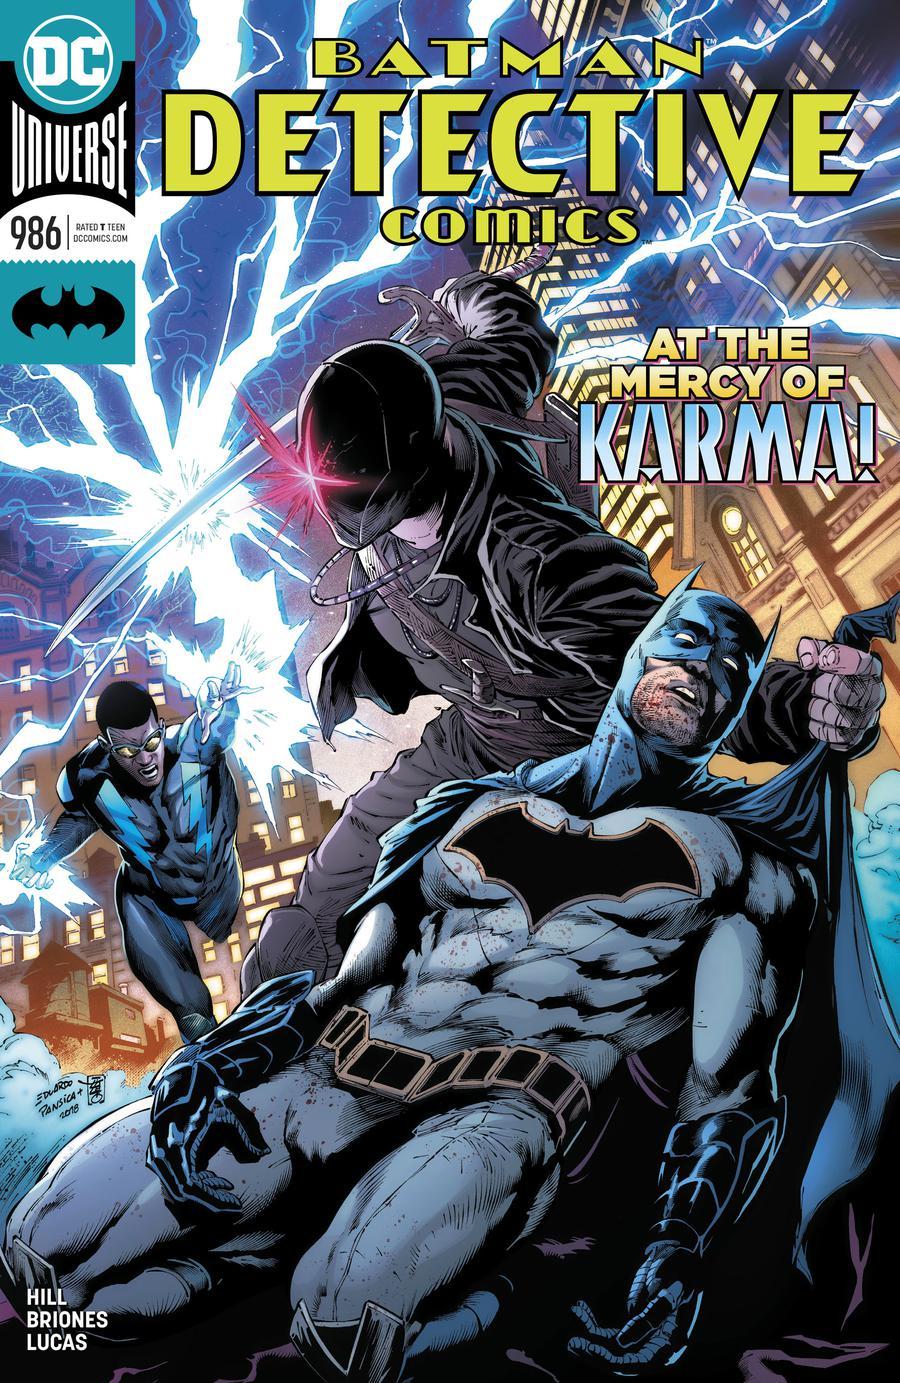 Detective Comics Vol 2 #986 Cover A Regular Eduardo Pansica & Julio Ferreira Cover